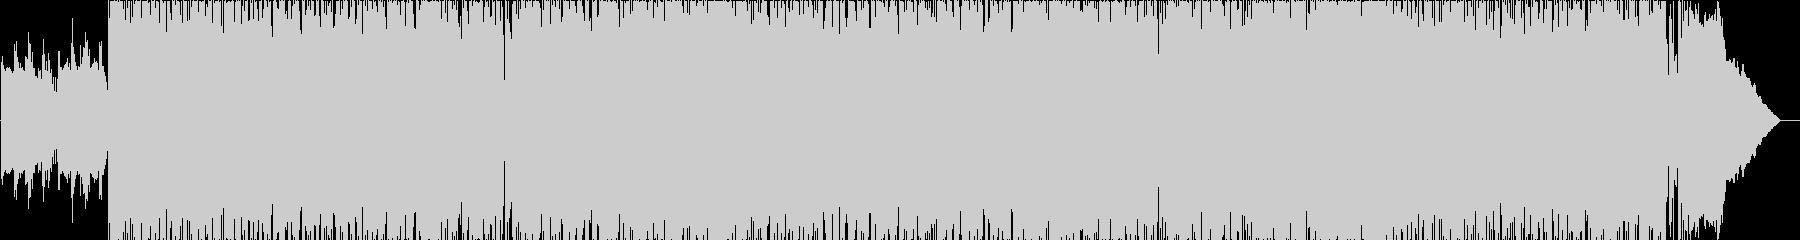 クサメロのハードロック女性ボーカルの未再生の波形